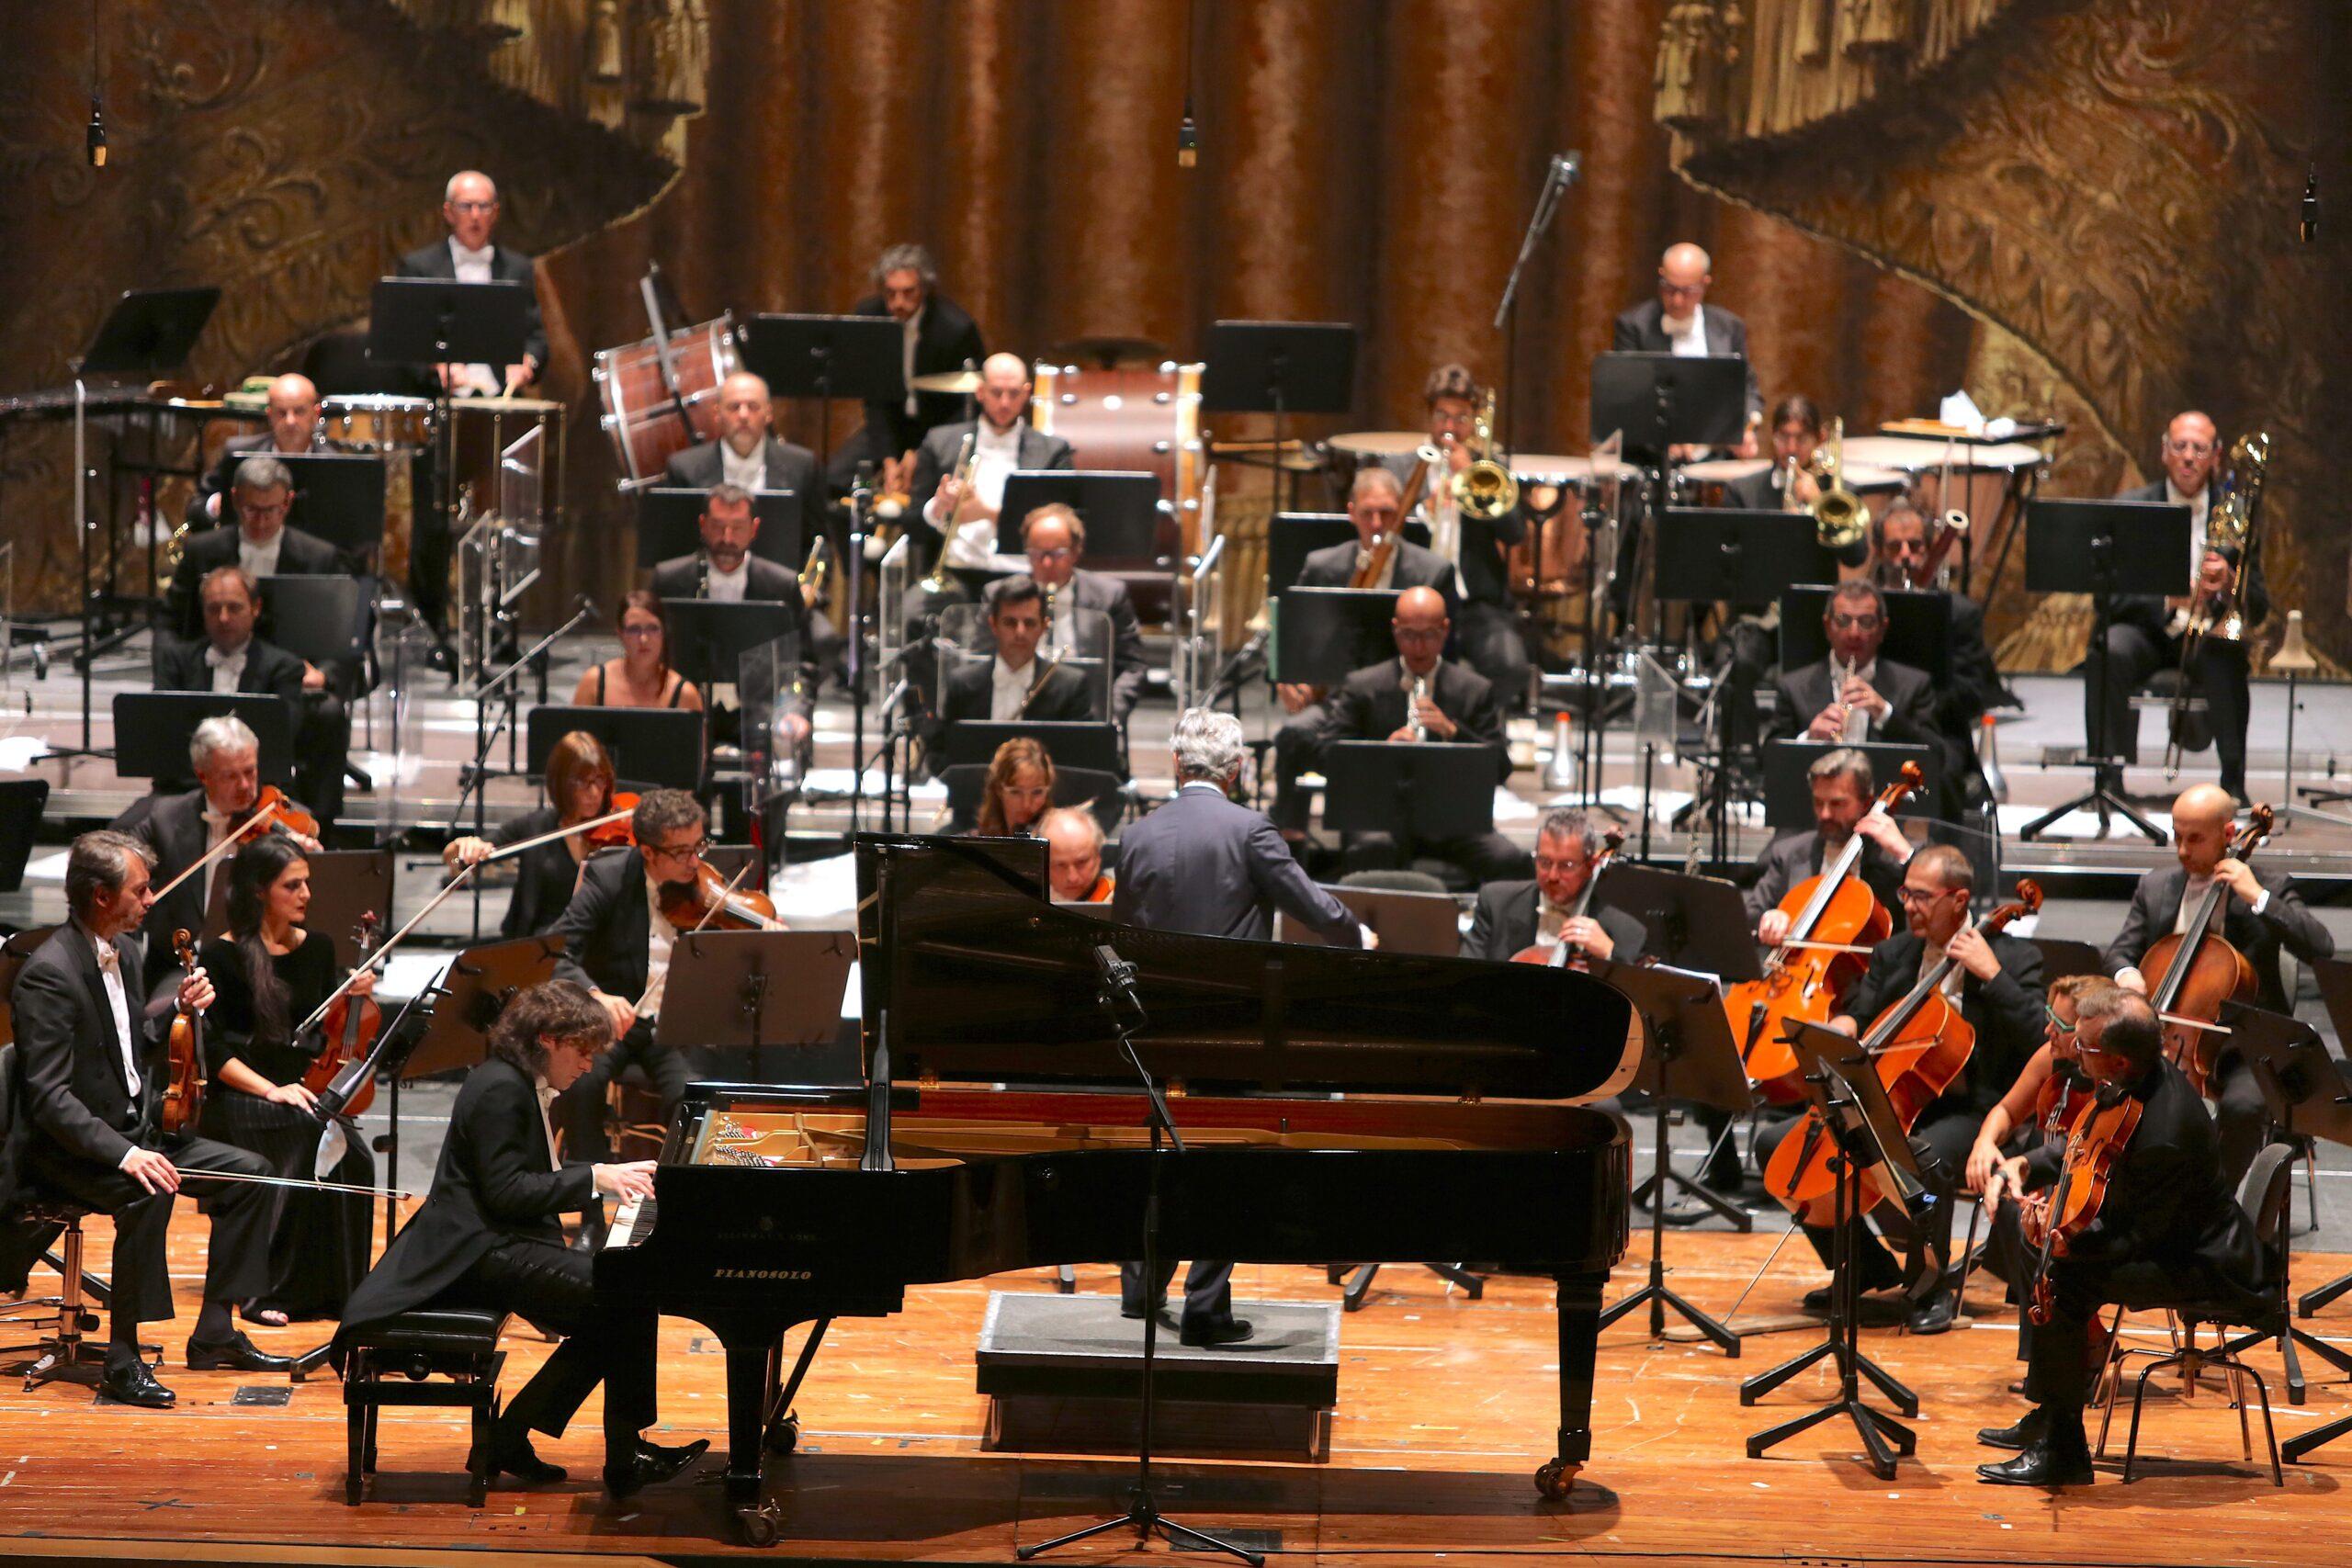 ll bello della musica. Il concerto per l'apertura della Stagione Sinfonica al Carlo Felice